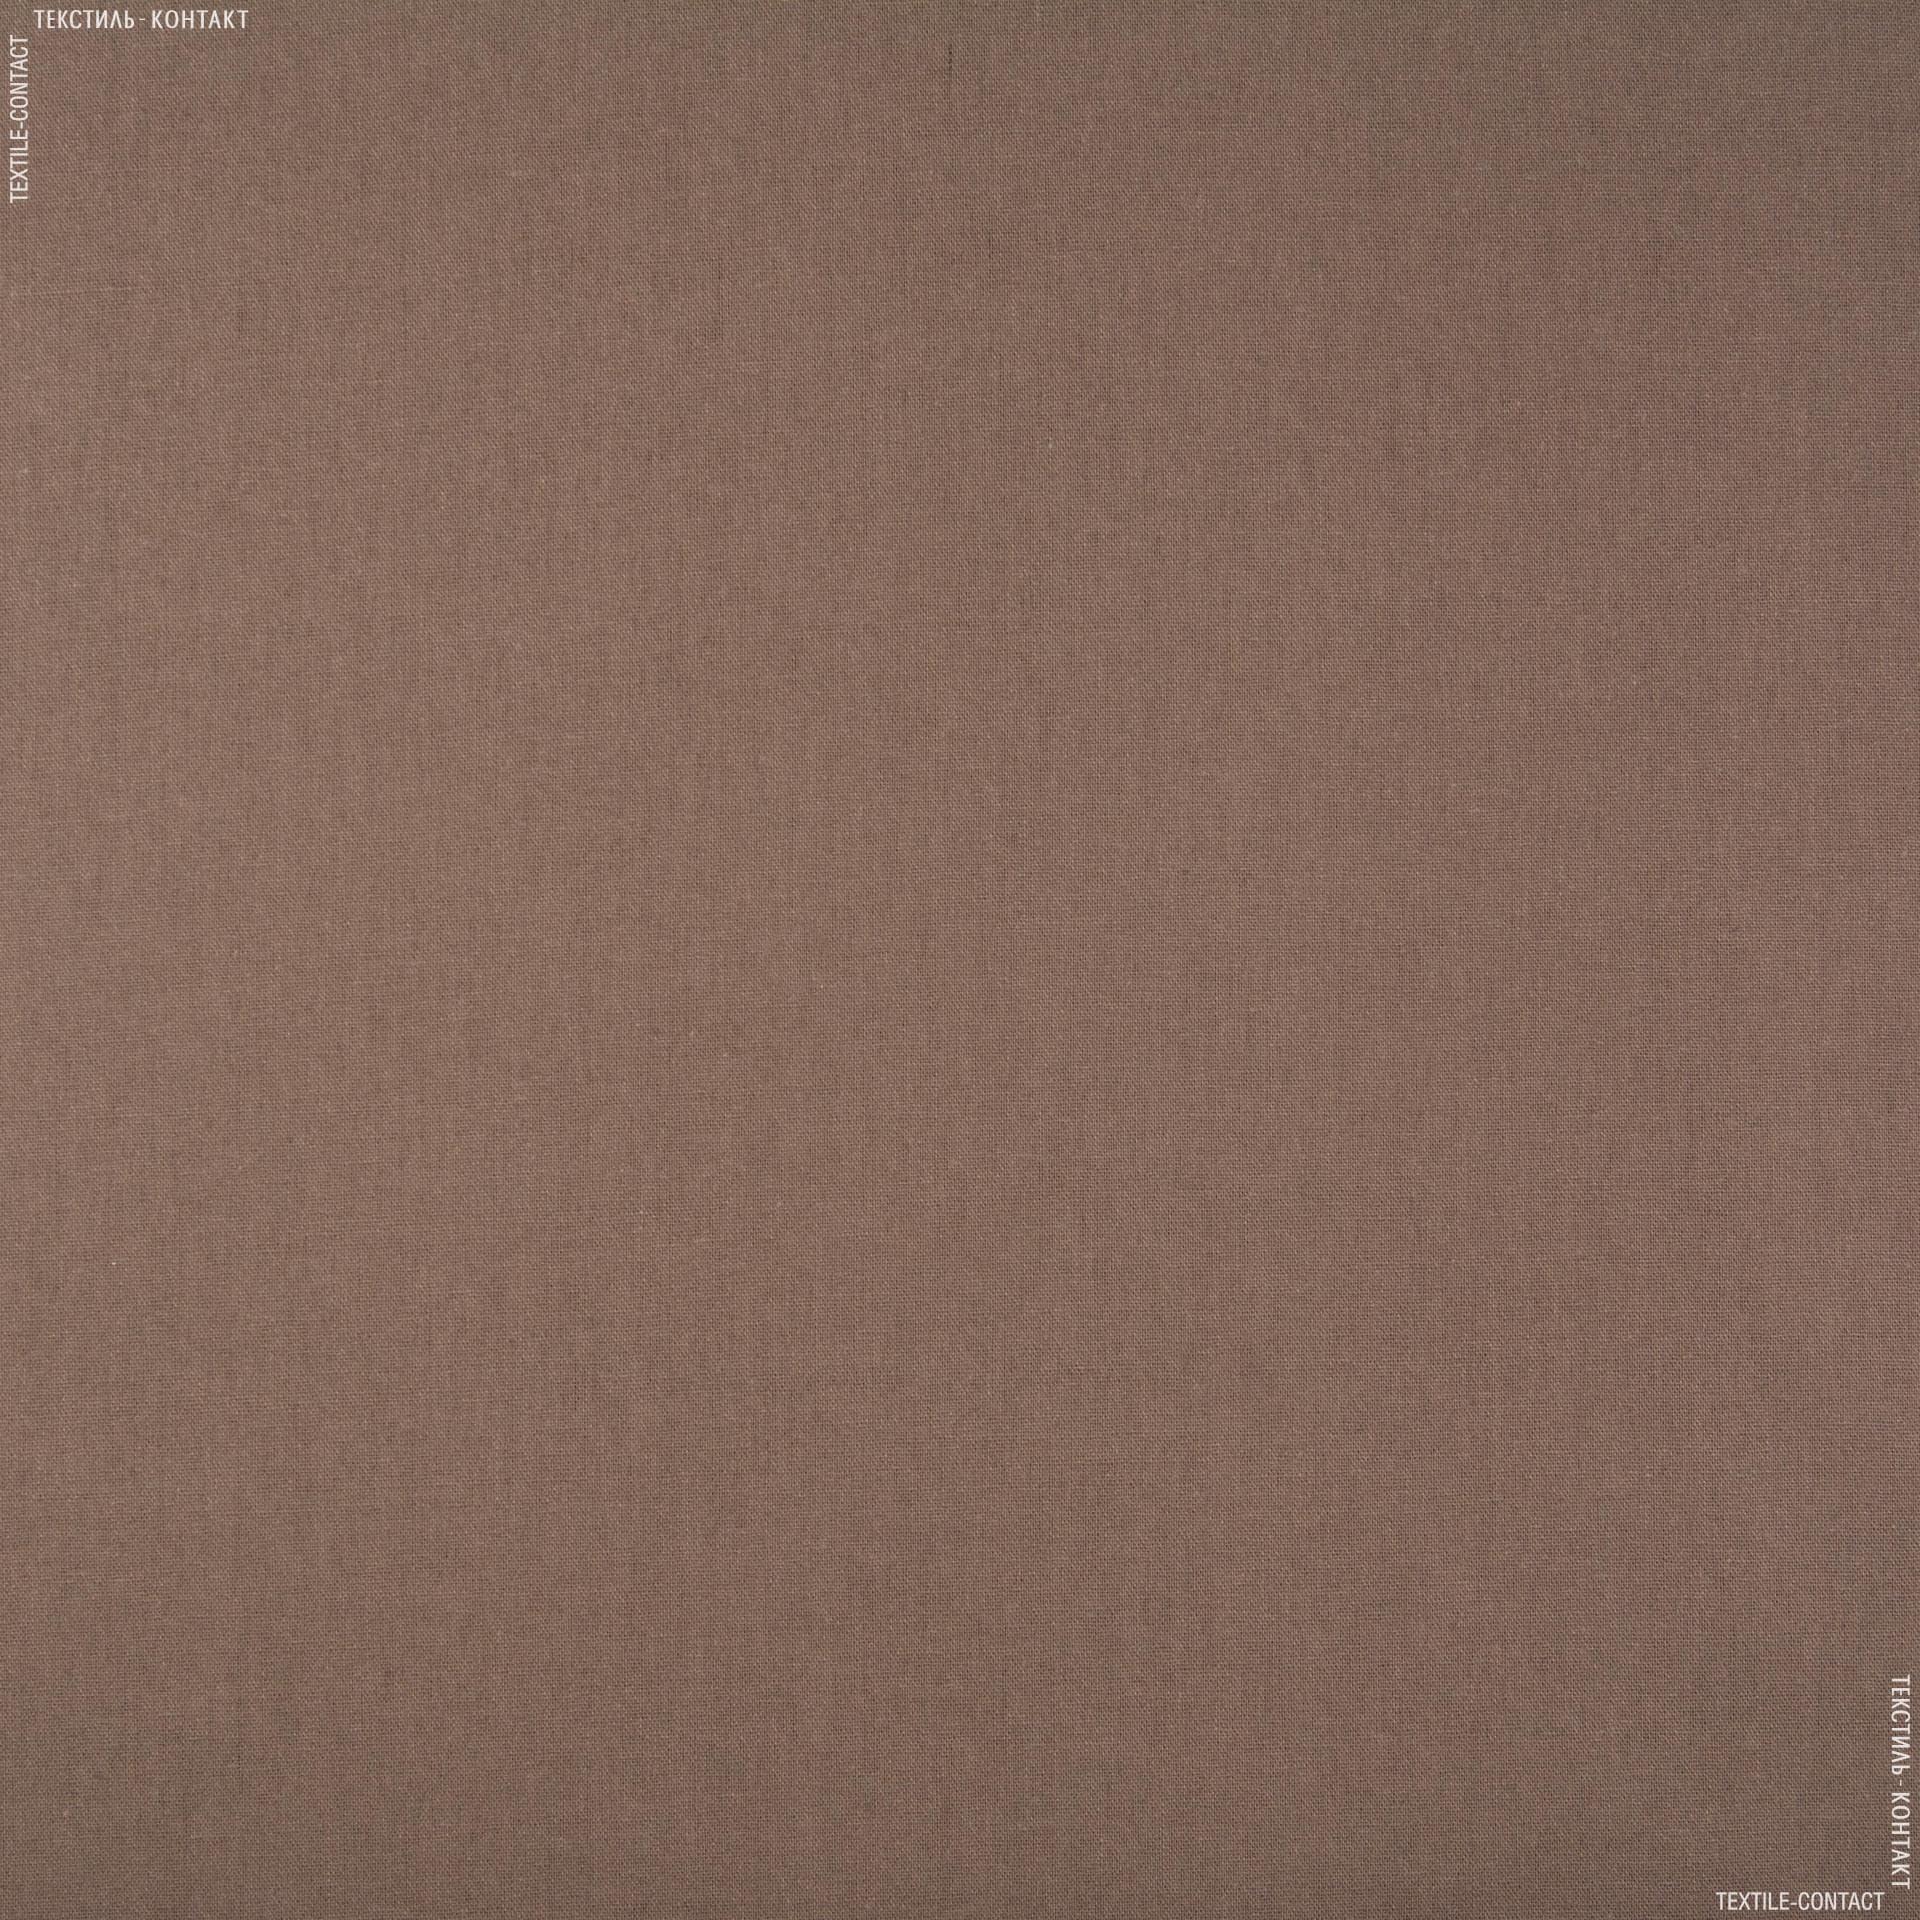 Тканини для костюмів - Лен гранд коричневий